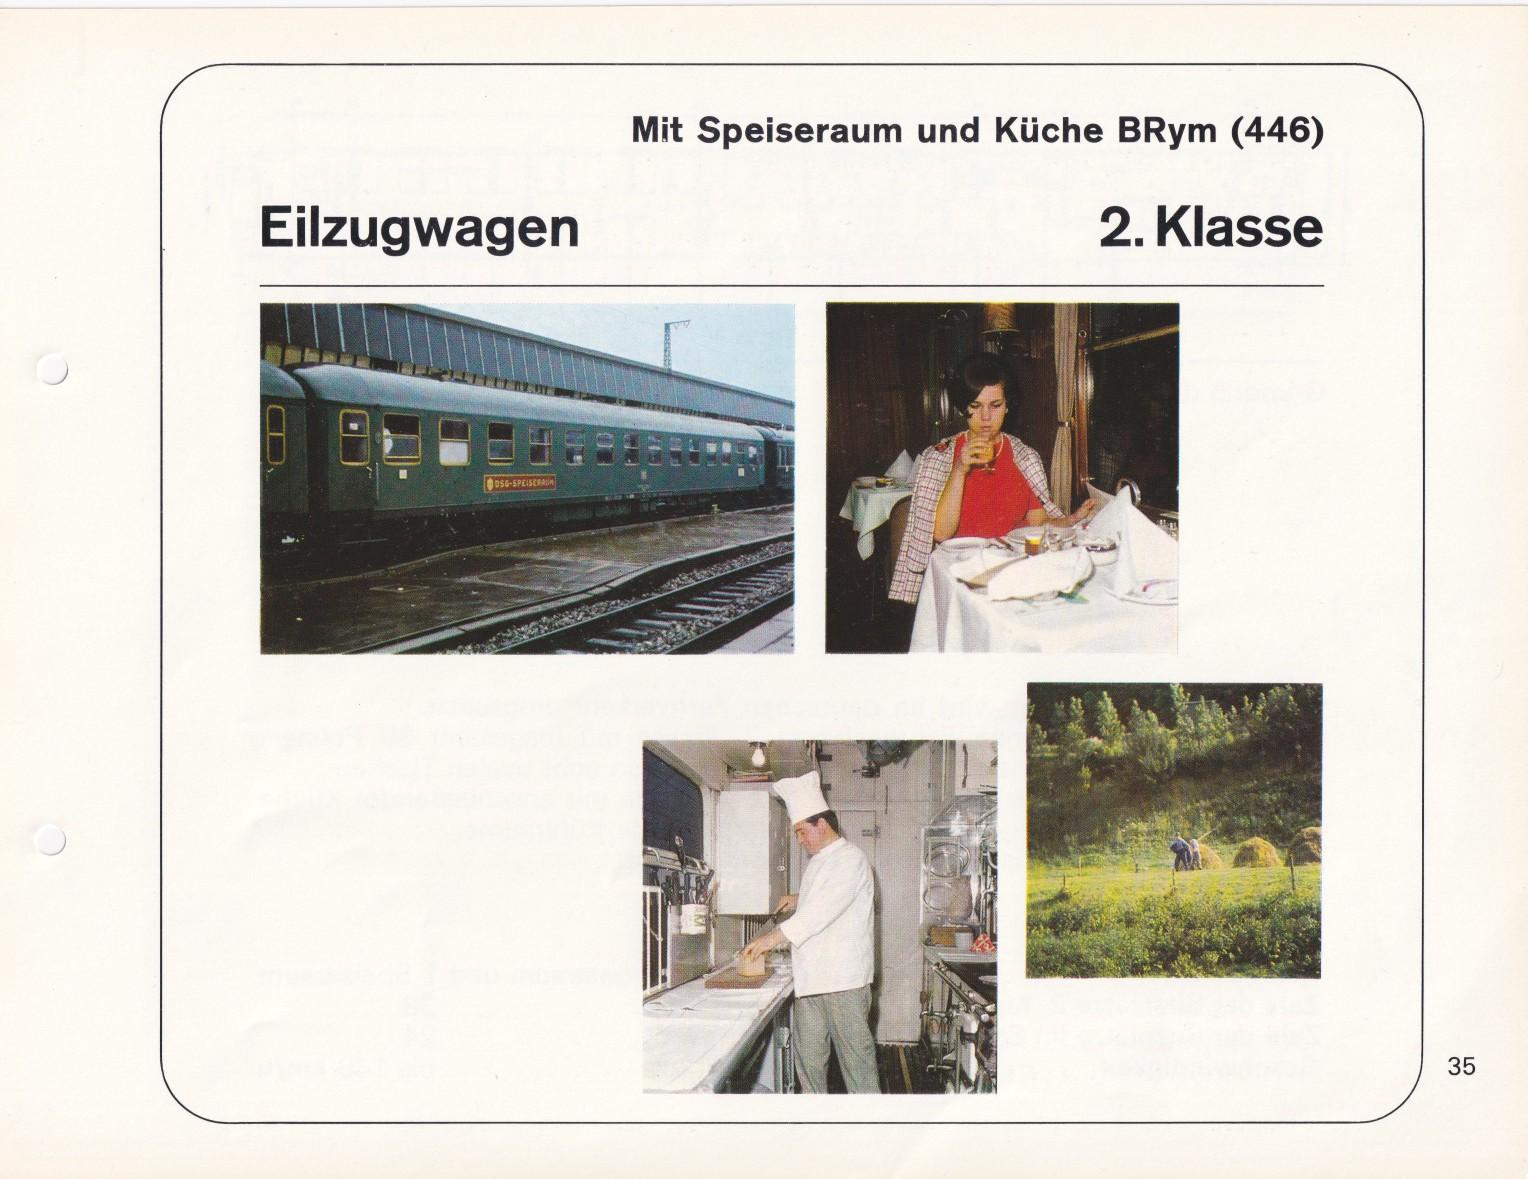 https://www.nullclub.de/hifo/Fahrzeuglexikon/Wagen35a.jpg